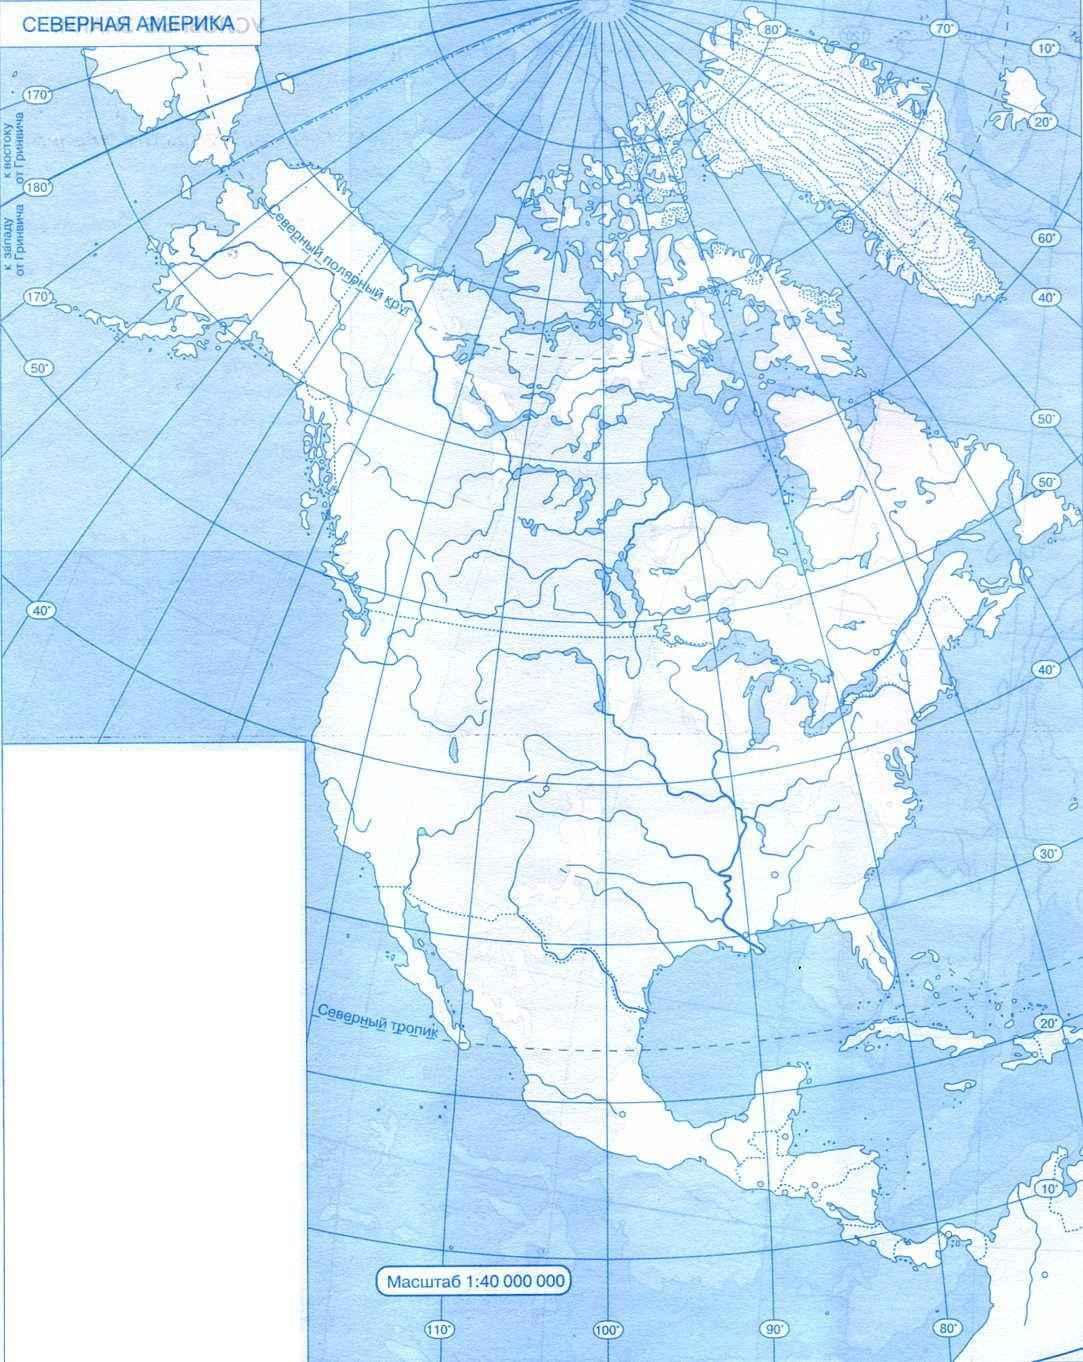 Географические карты Северной Америки крупным планом на русском языке: физическая, политическая и контурная 5